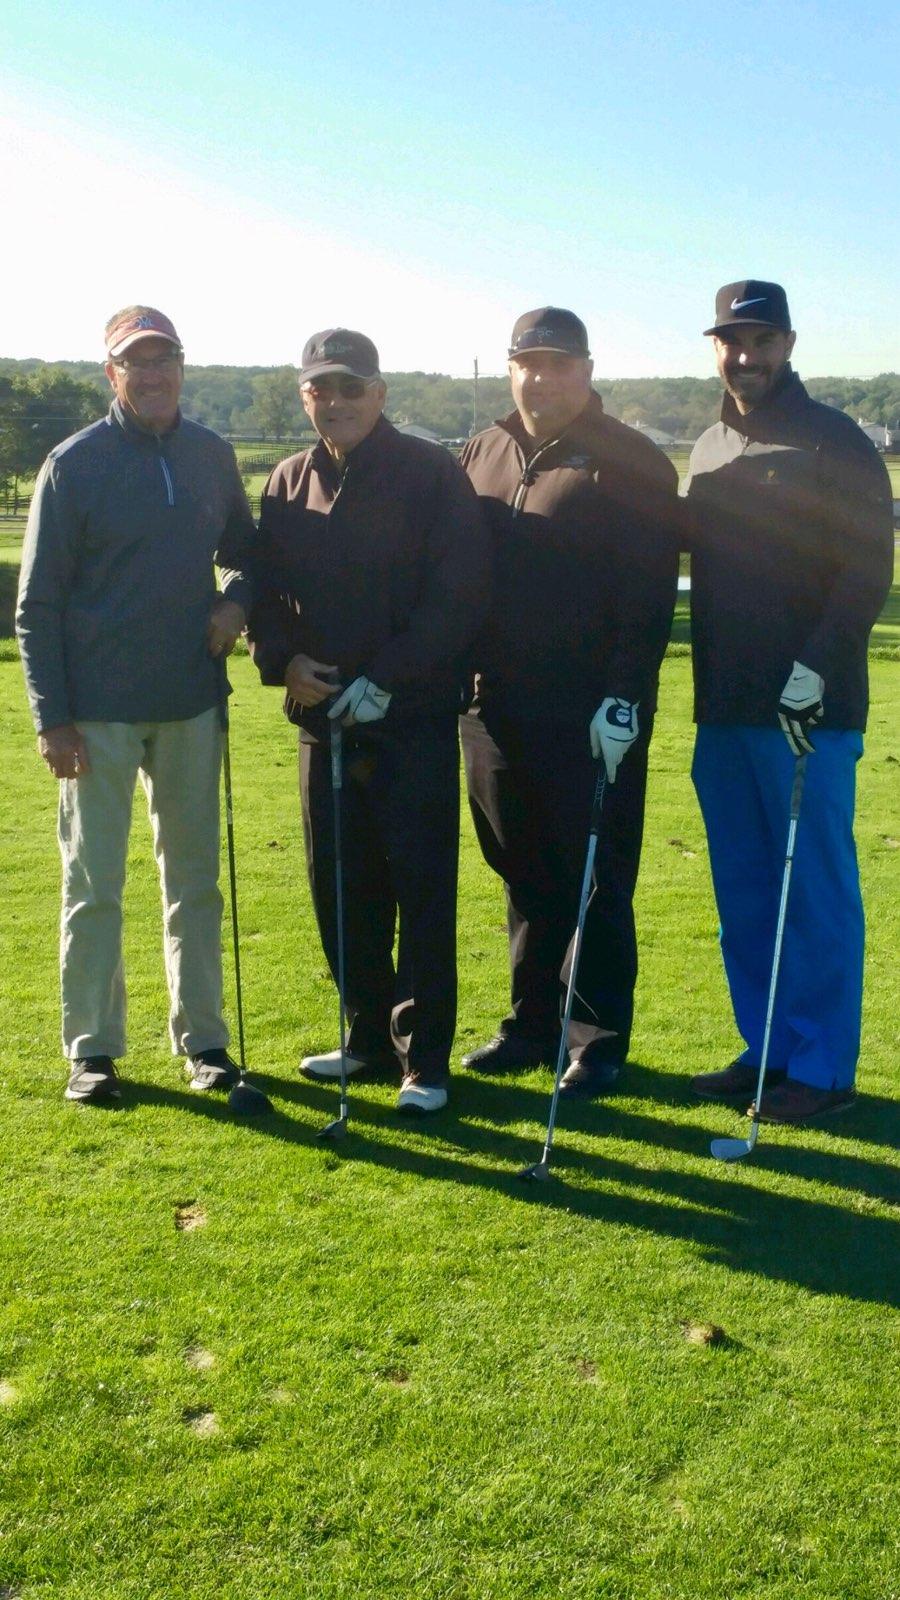 The mighty Team Agnello, including Jim Agnello, Vin Agnello, Chuck Senna and ABCCL Director, Joe Agnello